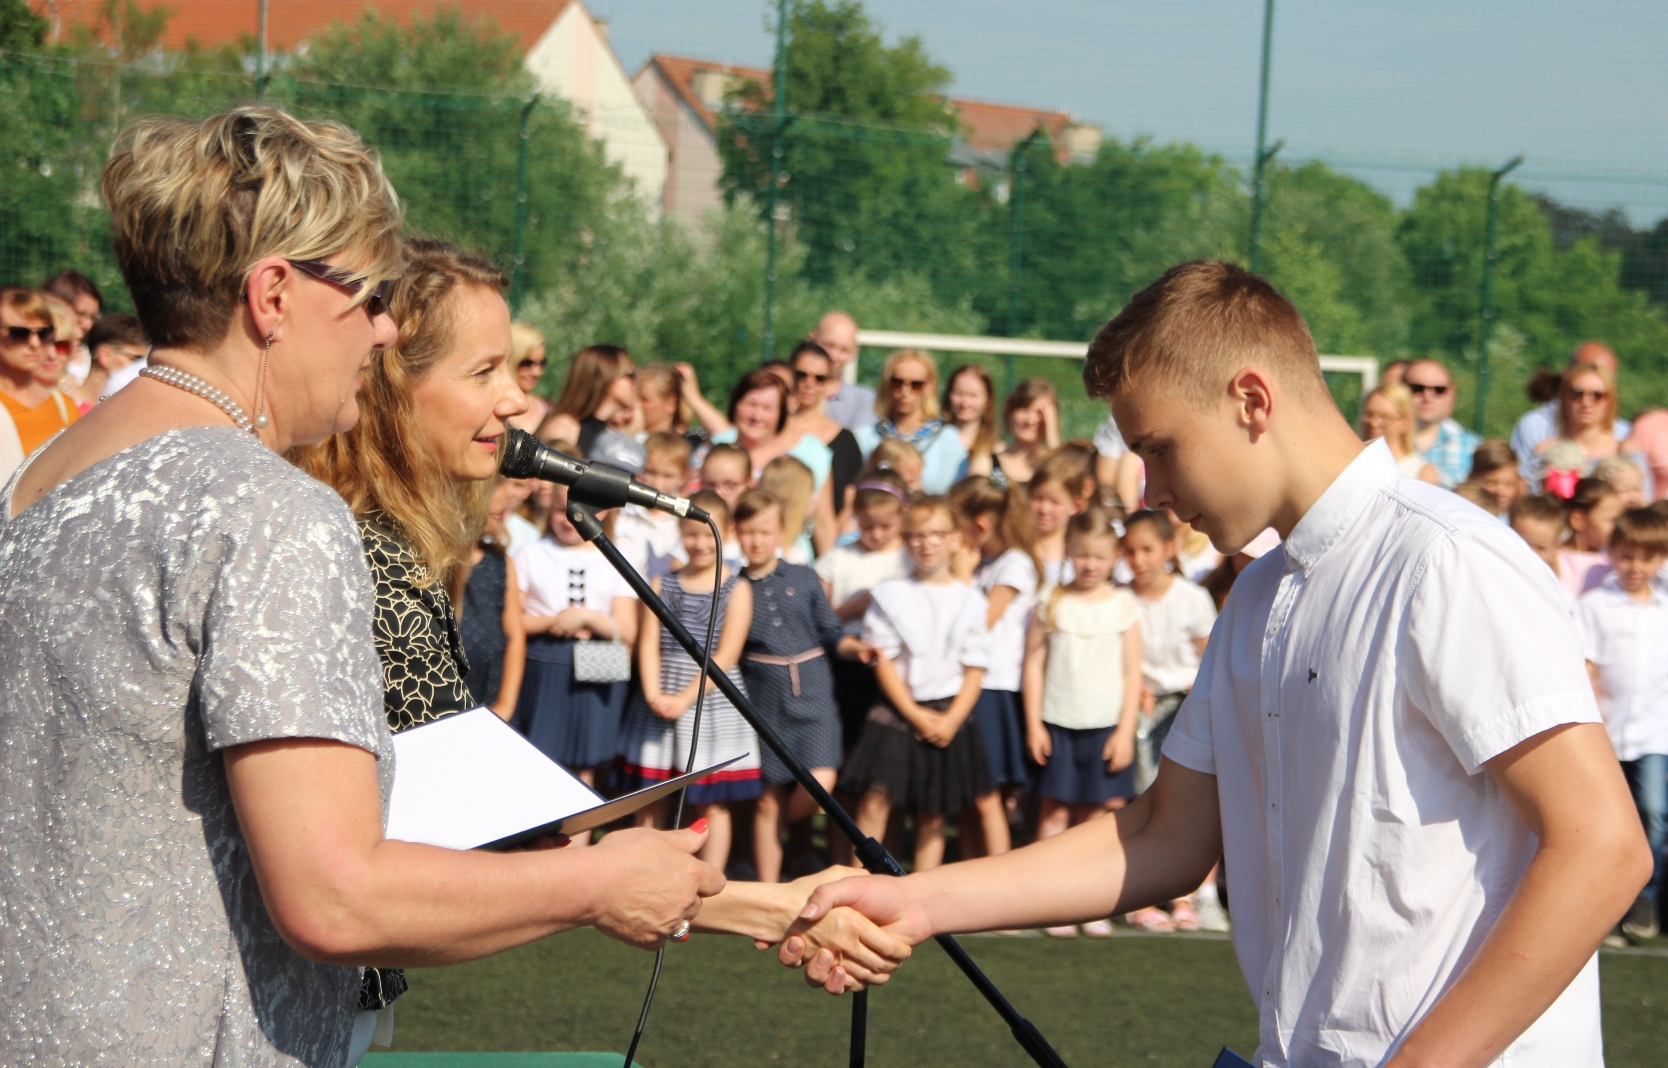 Koniec roku szkolnego!, Miasto Białogard